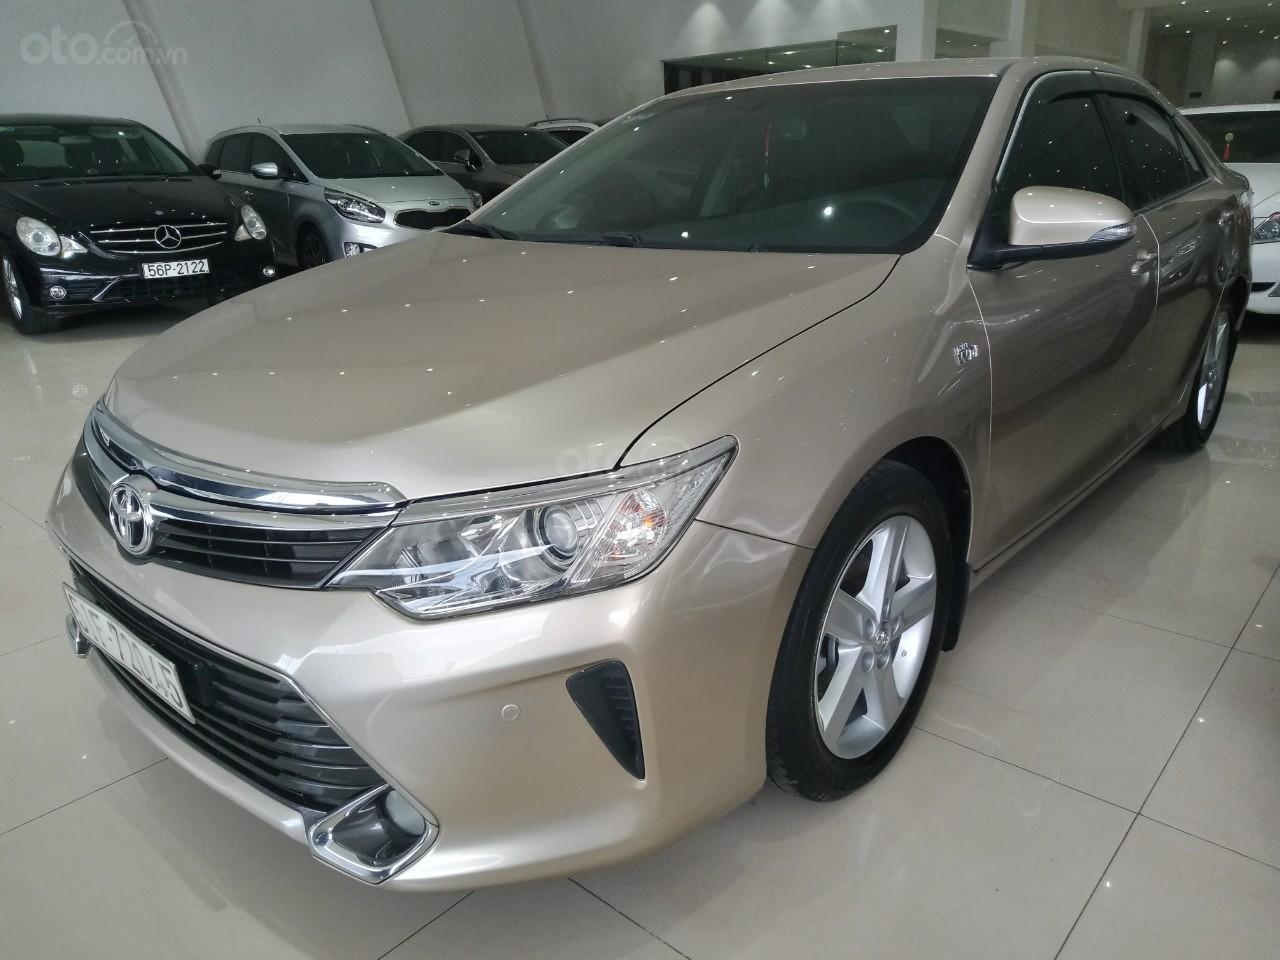 Bán xe Toyota Camry 2.5Q đời 2016, màu vàng cát giá 950 triệu (2)